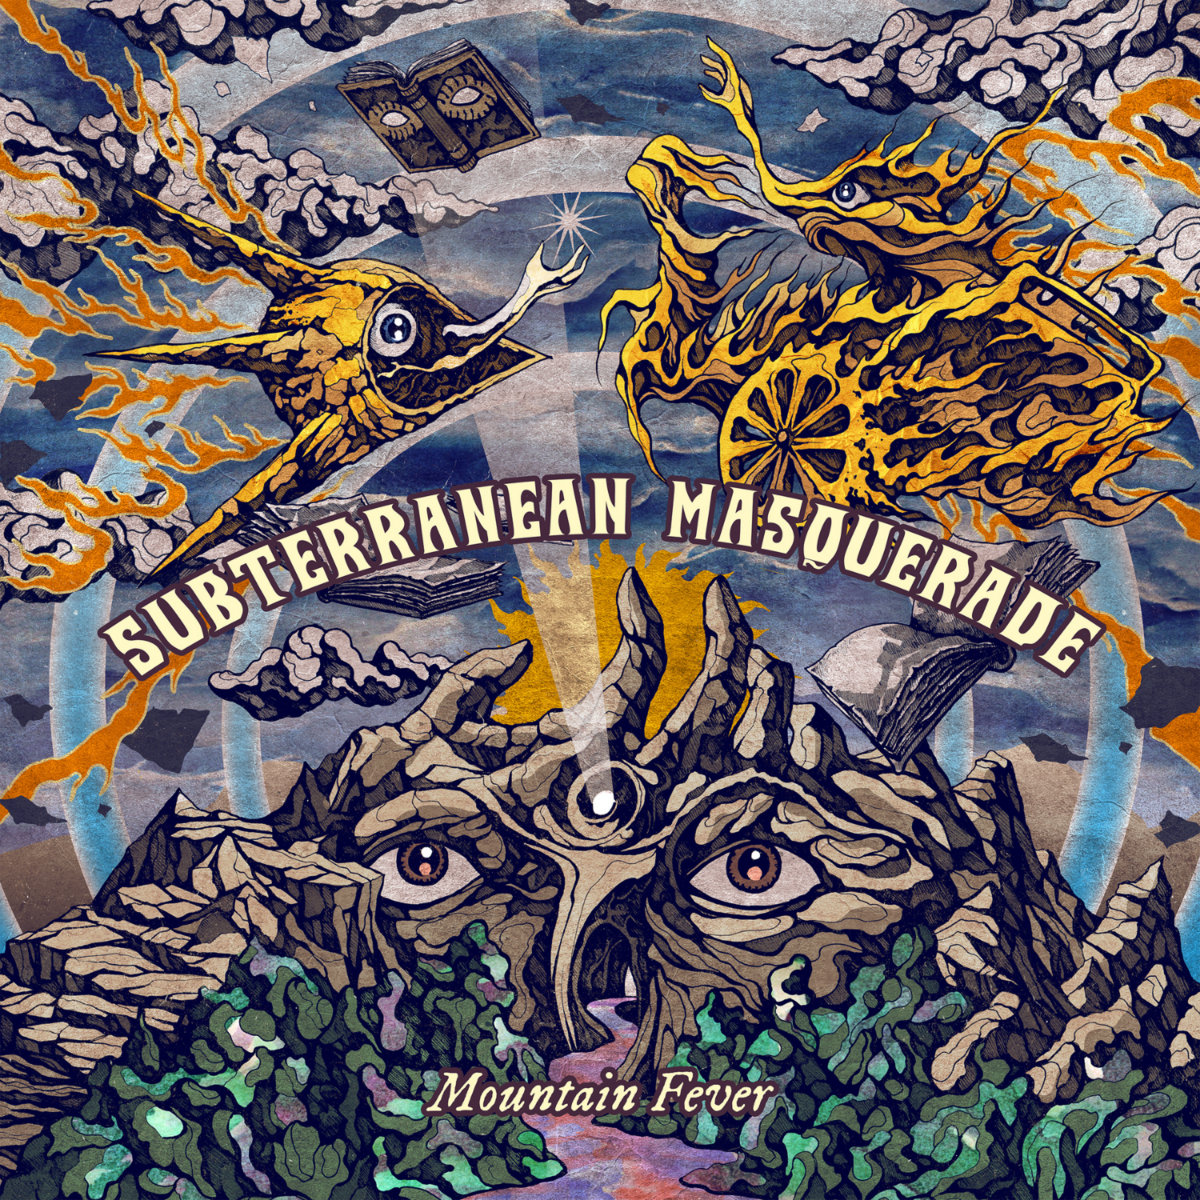 Subterranean Masquerade: Mountain Fever